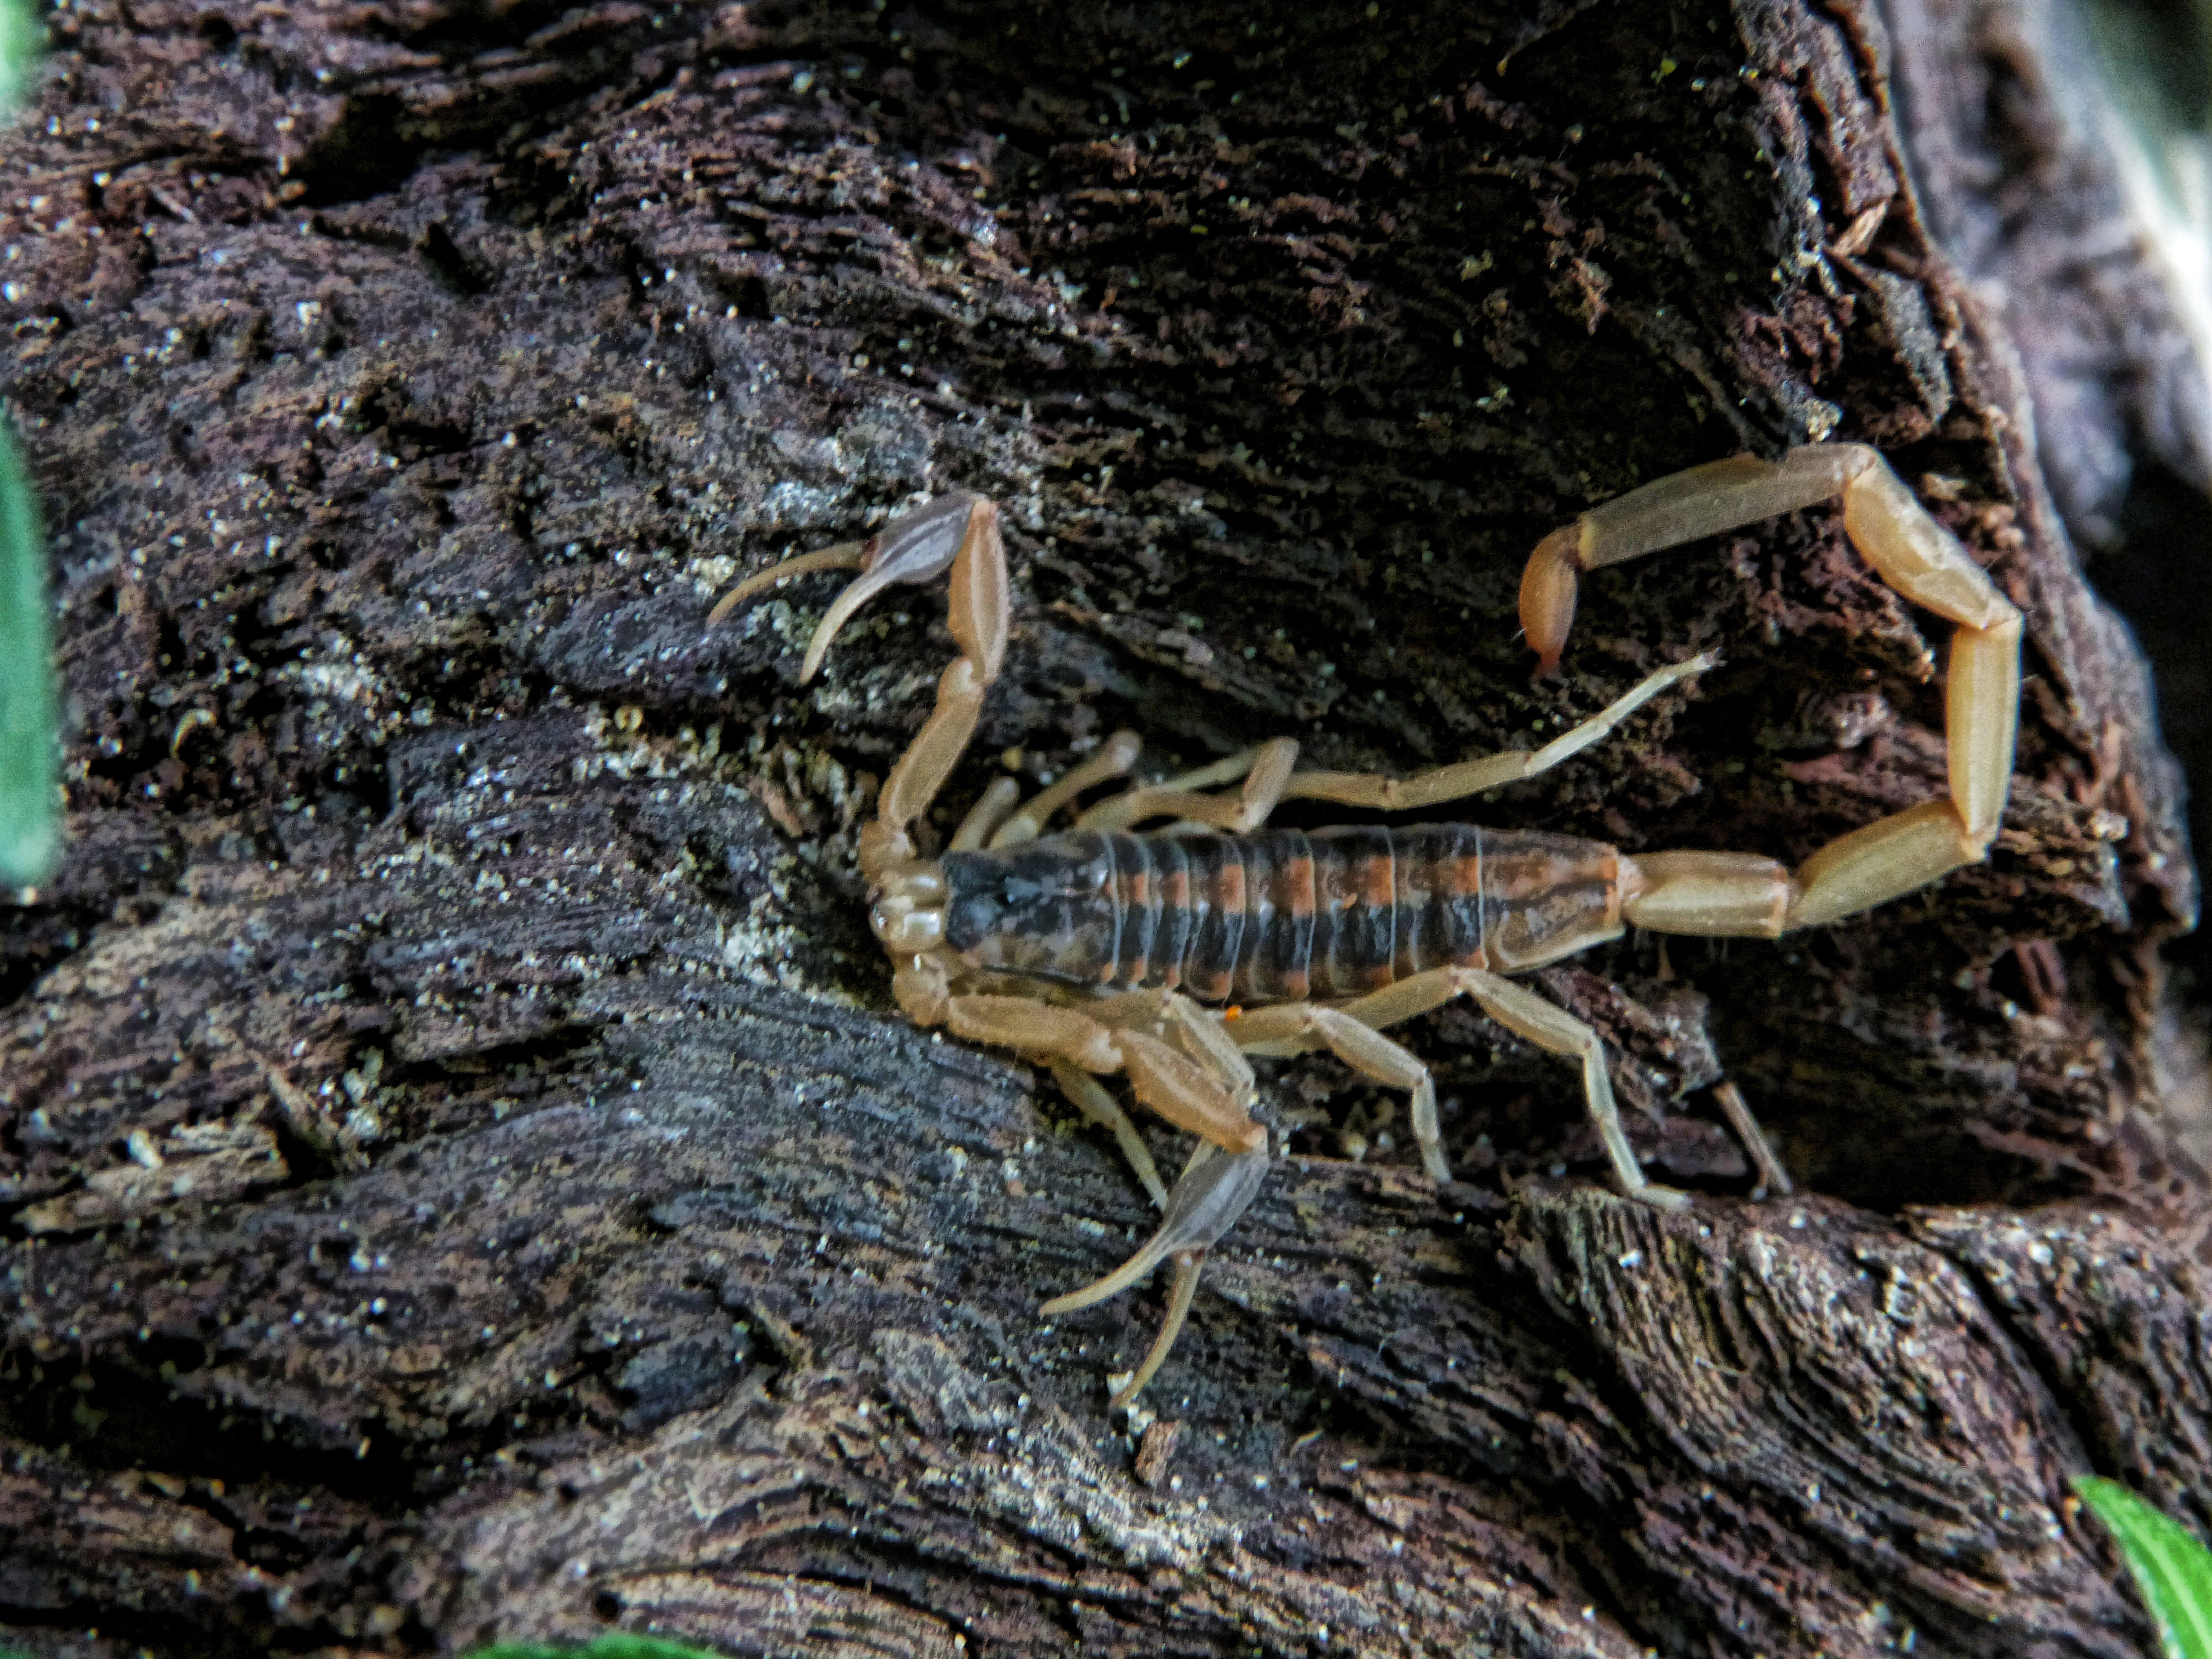 Striped scorpions